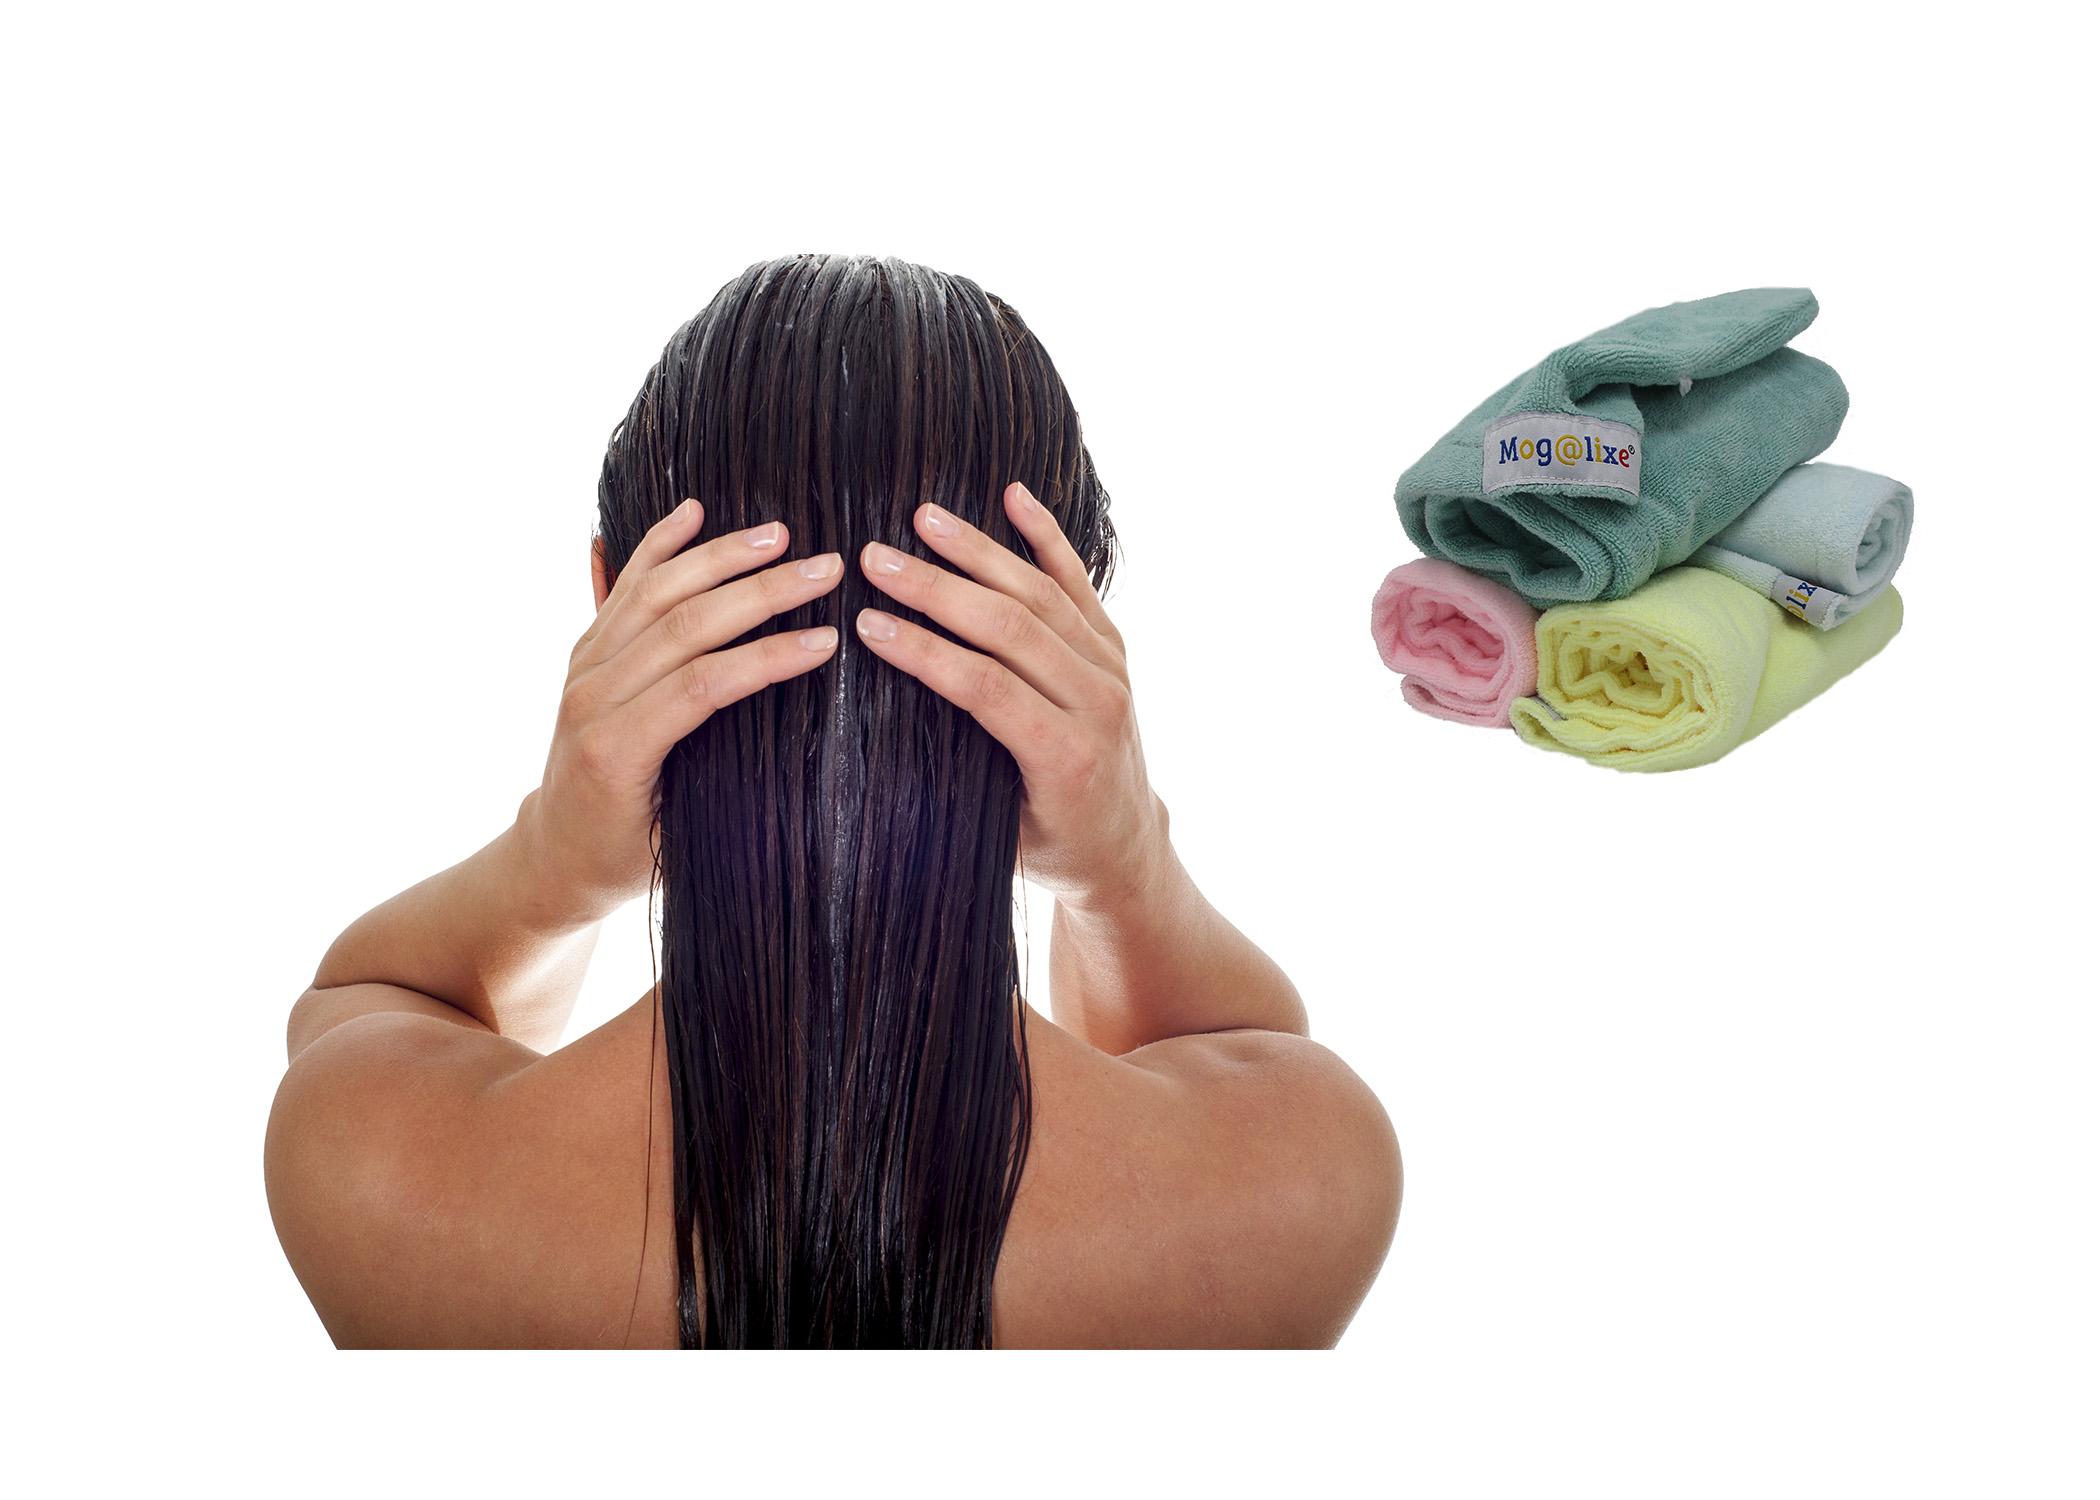 p-towel-en1-v1.jpg